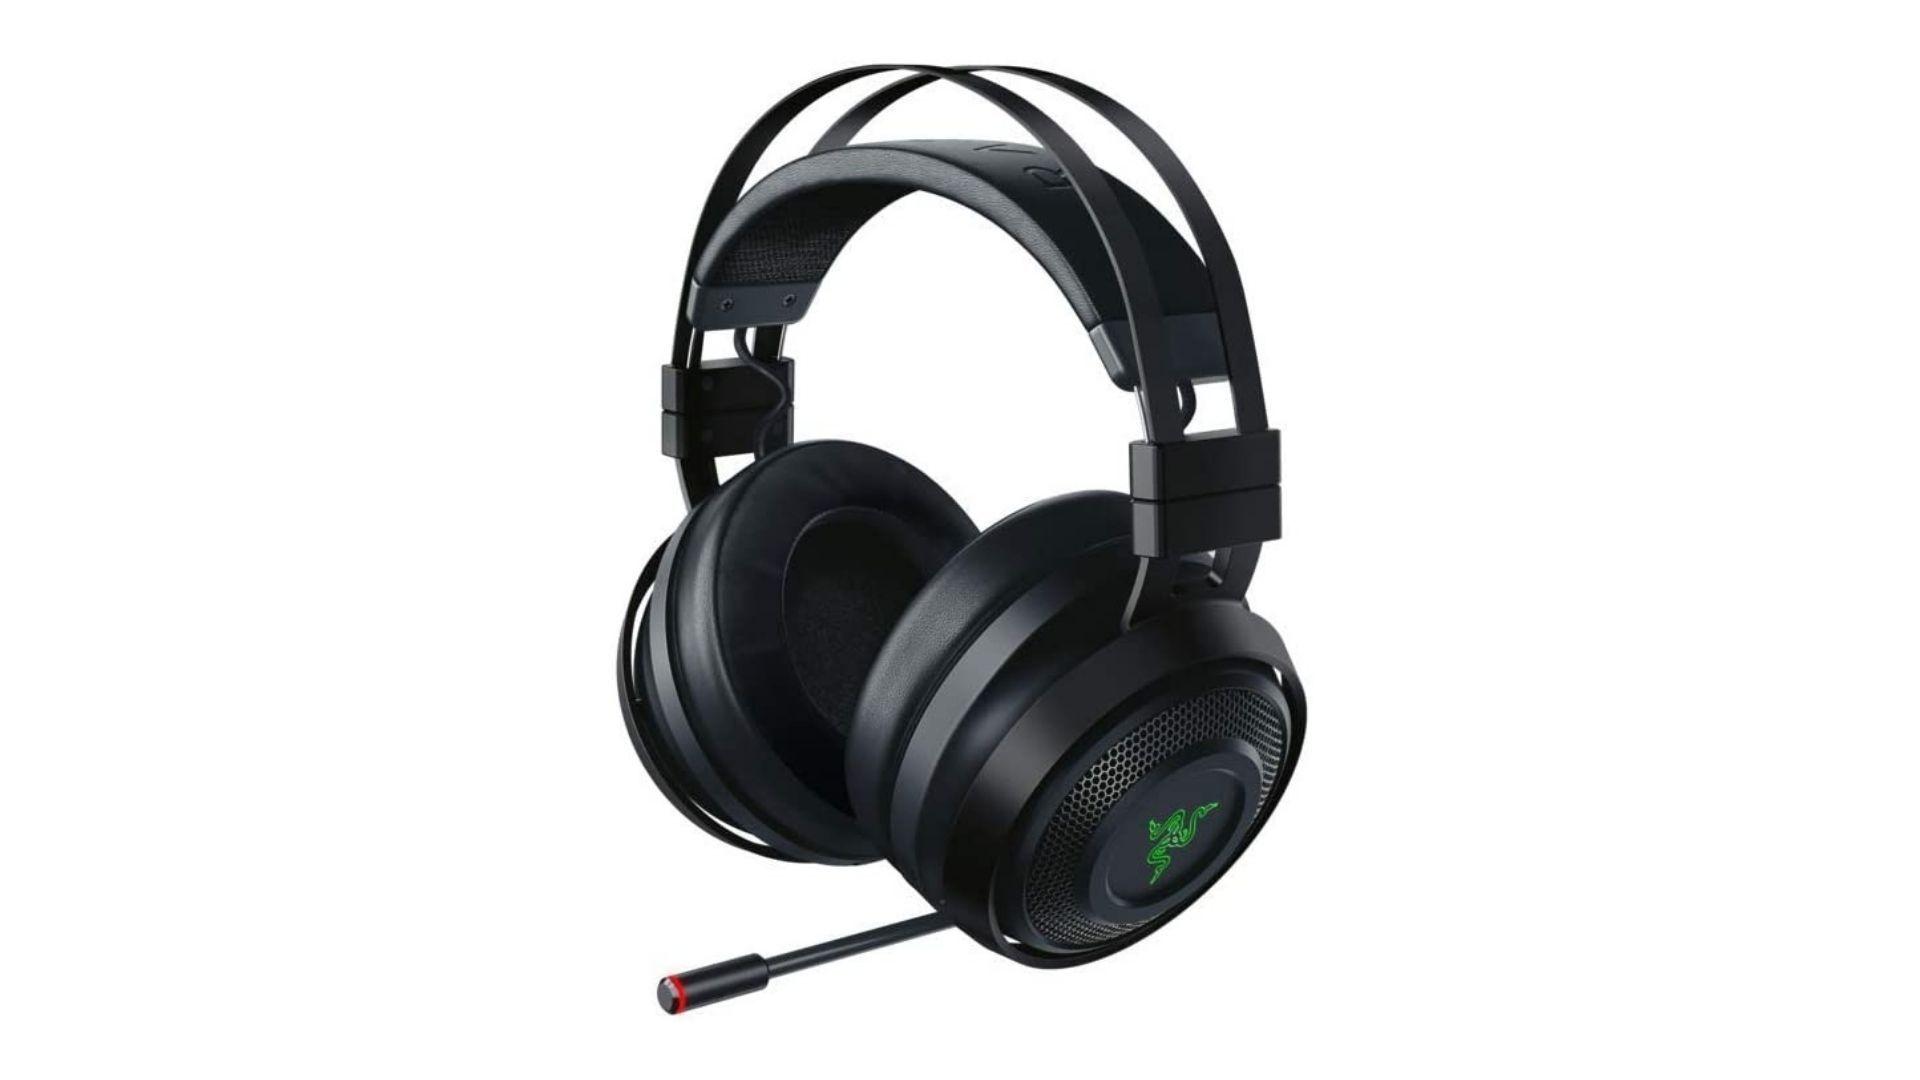 Headset Razer Nari Ultimate preto com detalhes verdes em fundo branco